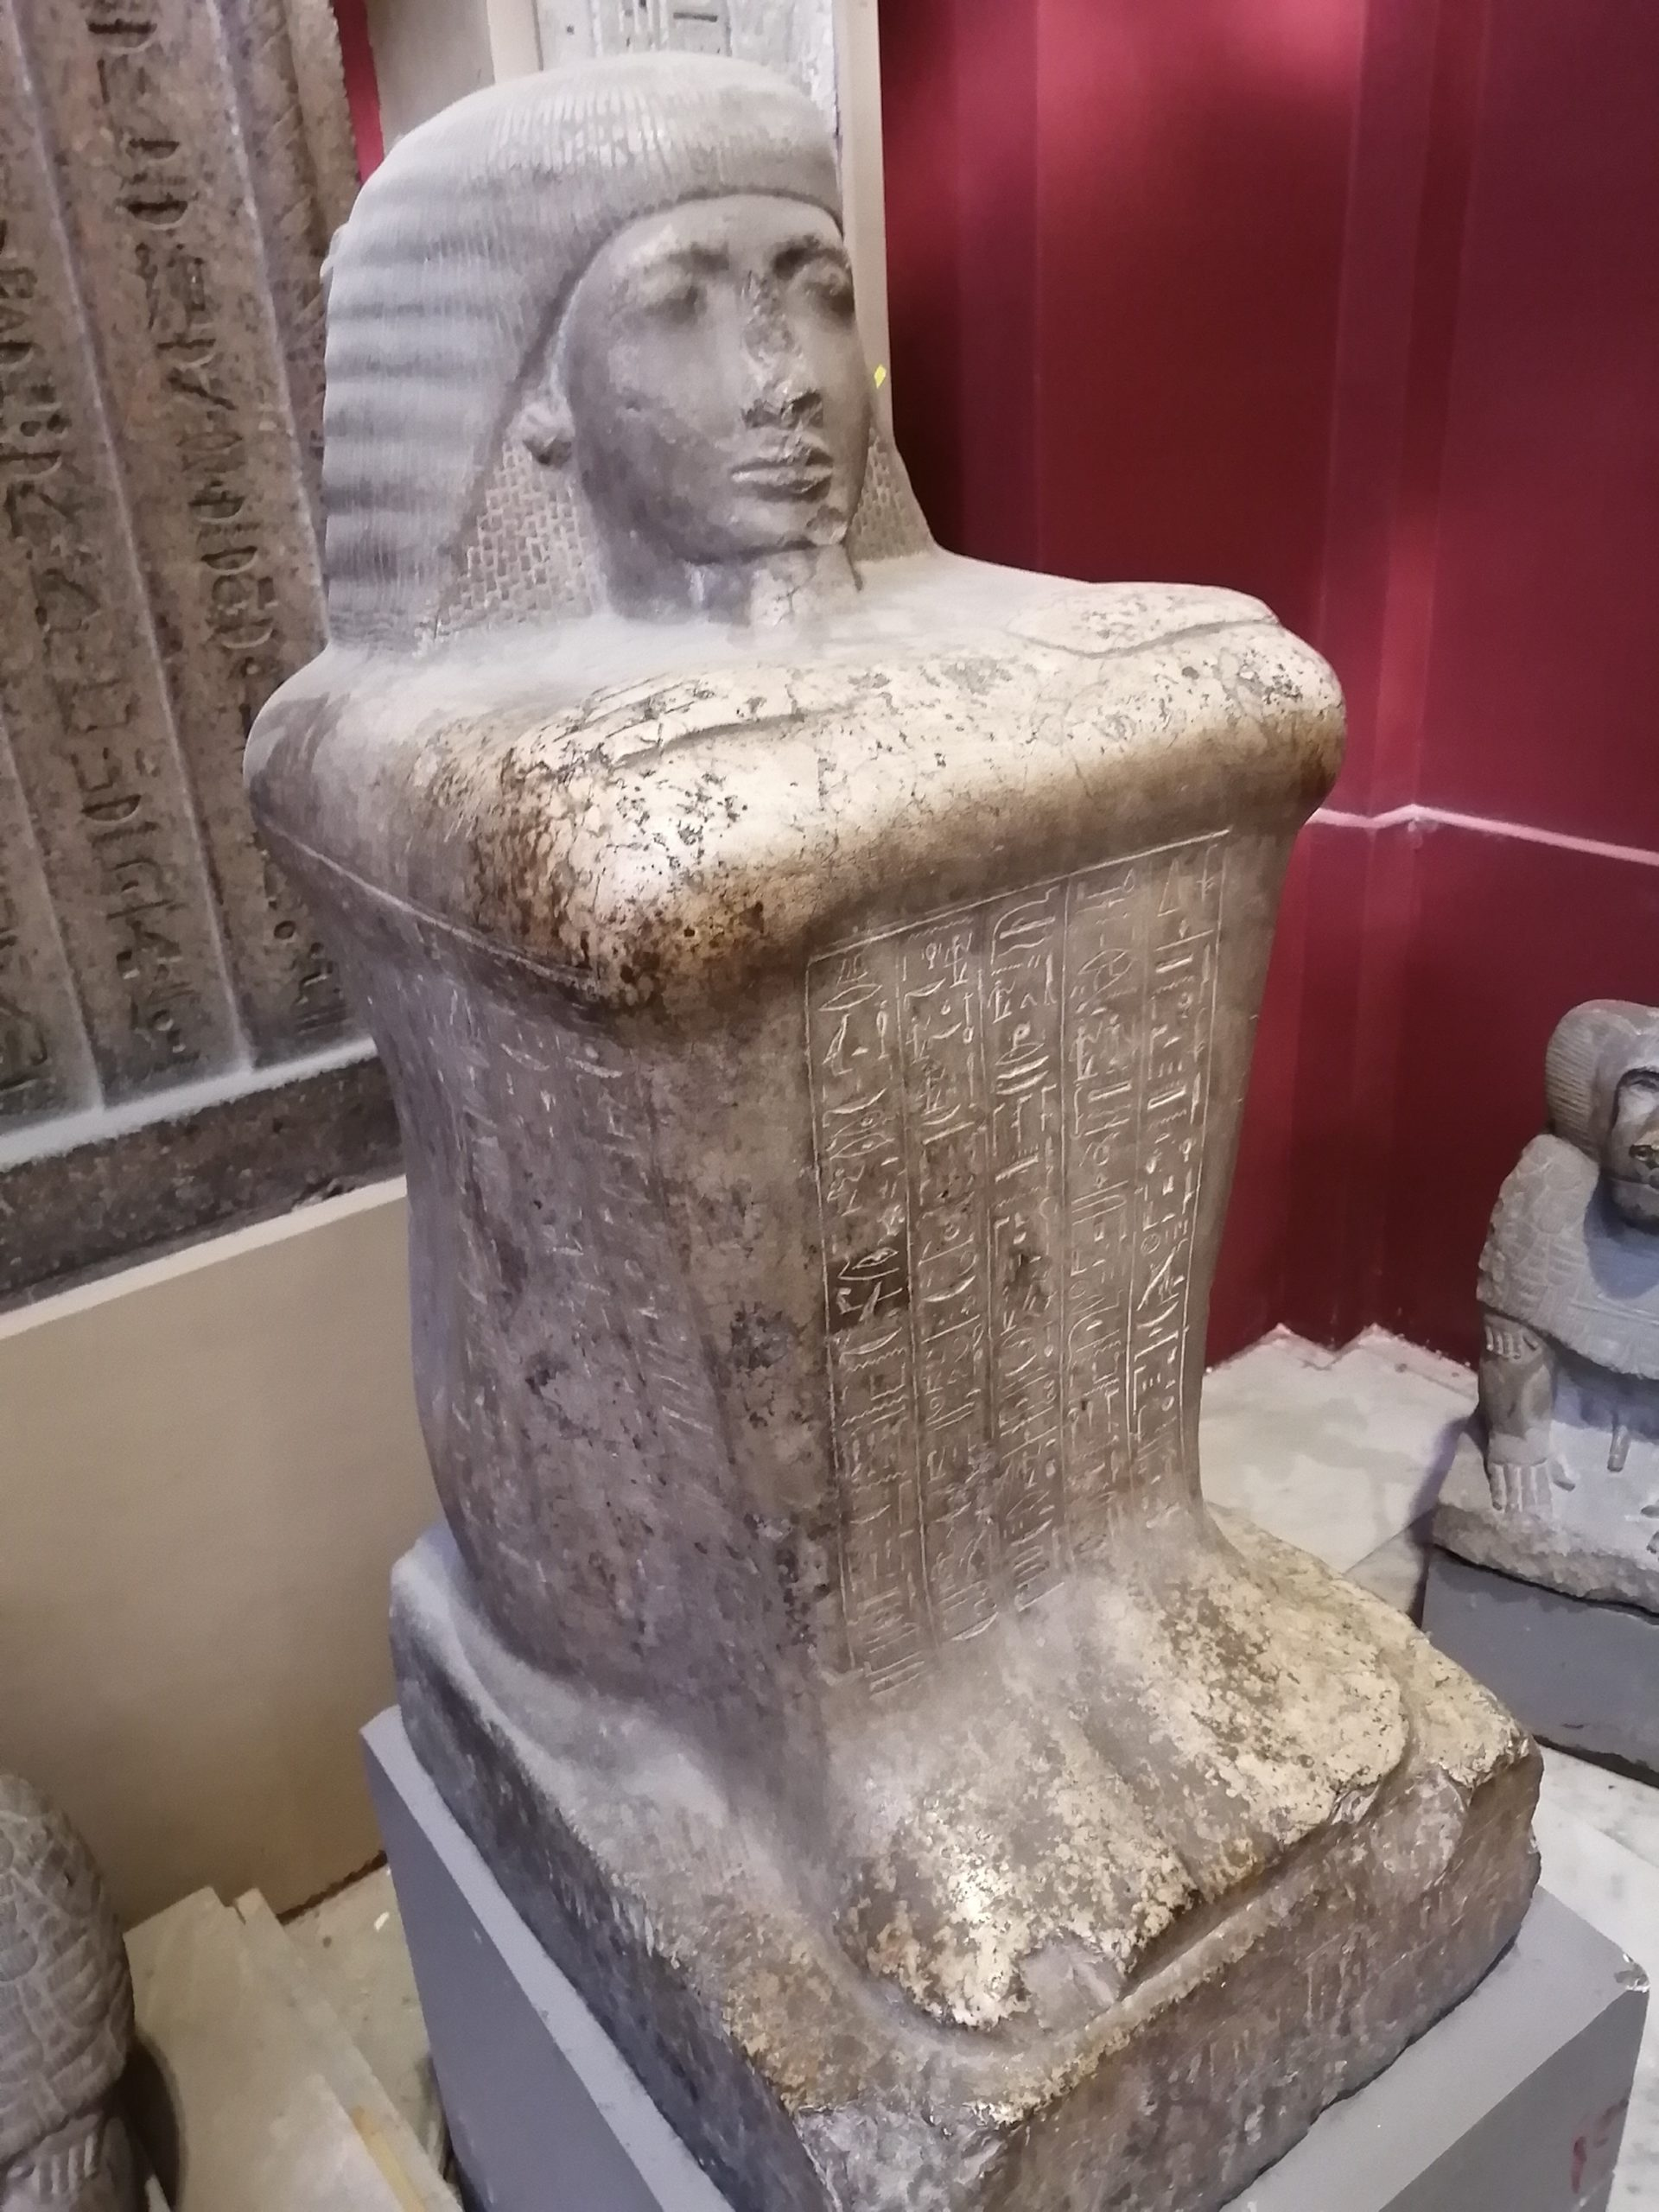 エジプト考古学博物館の膝を抱えた人